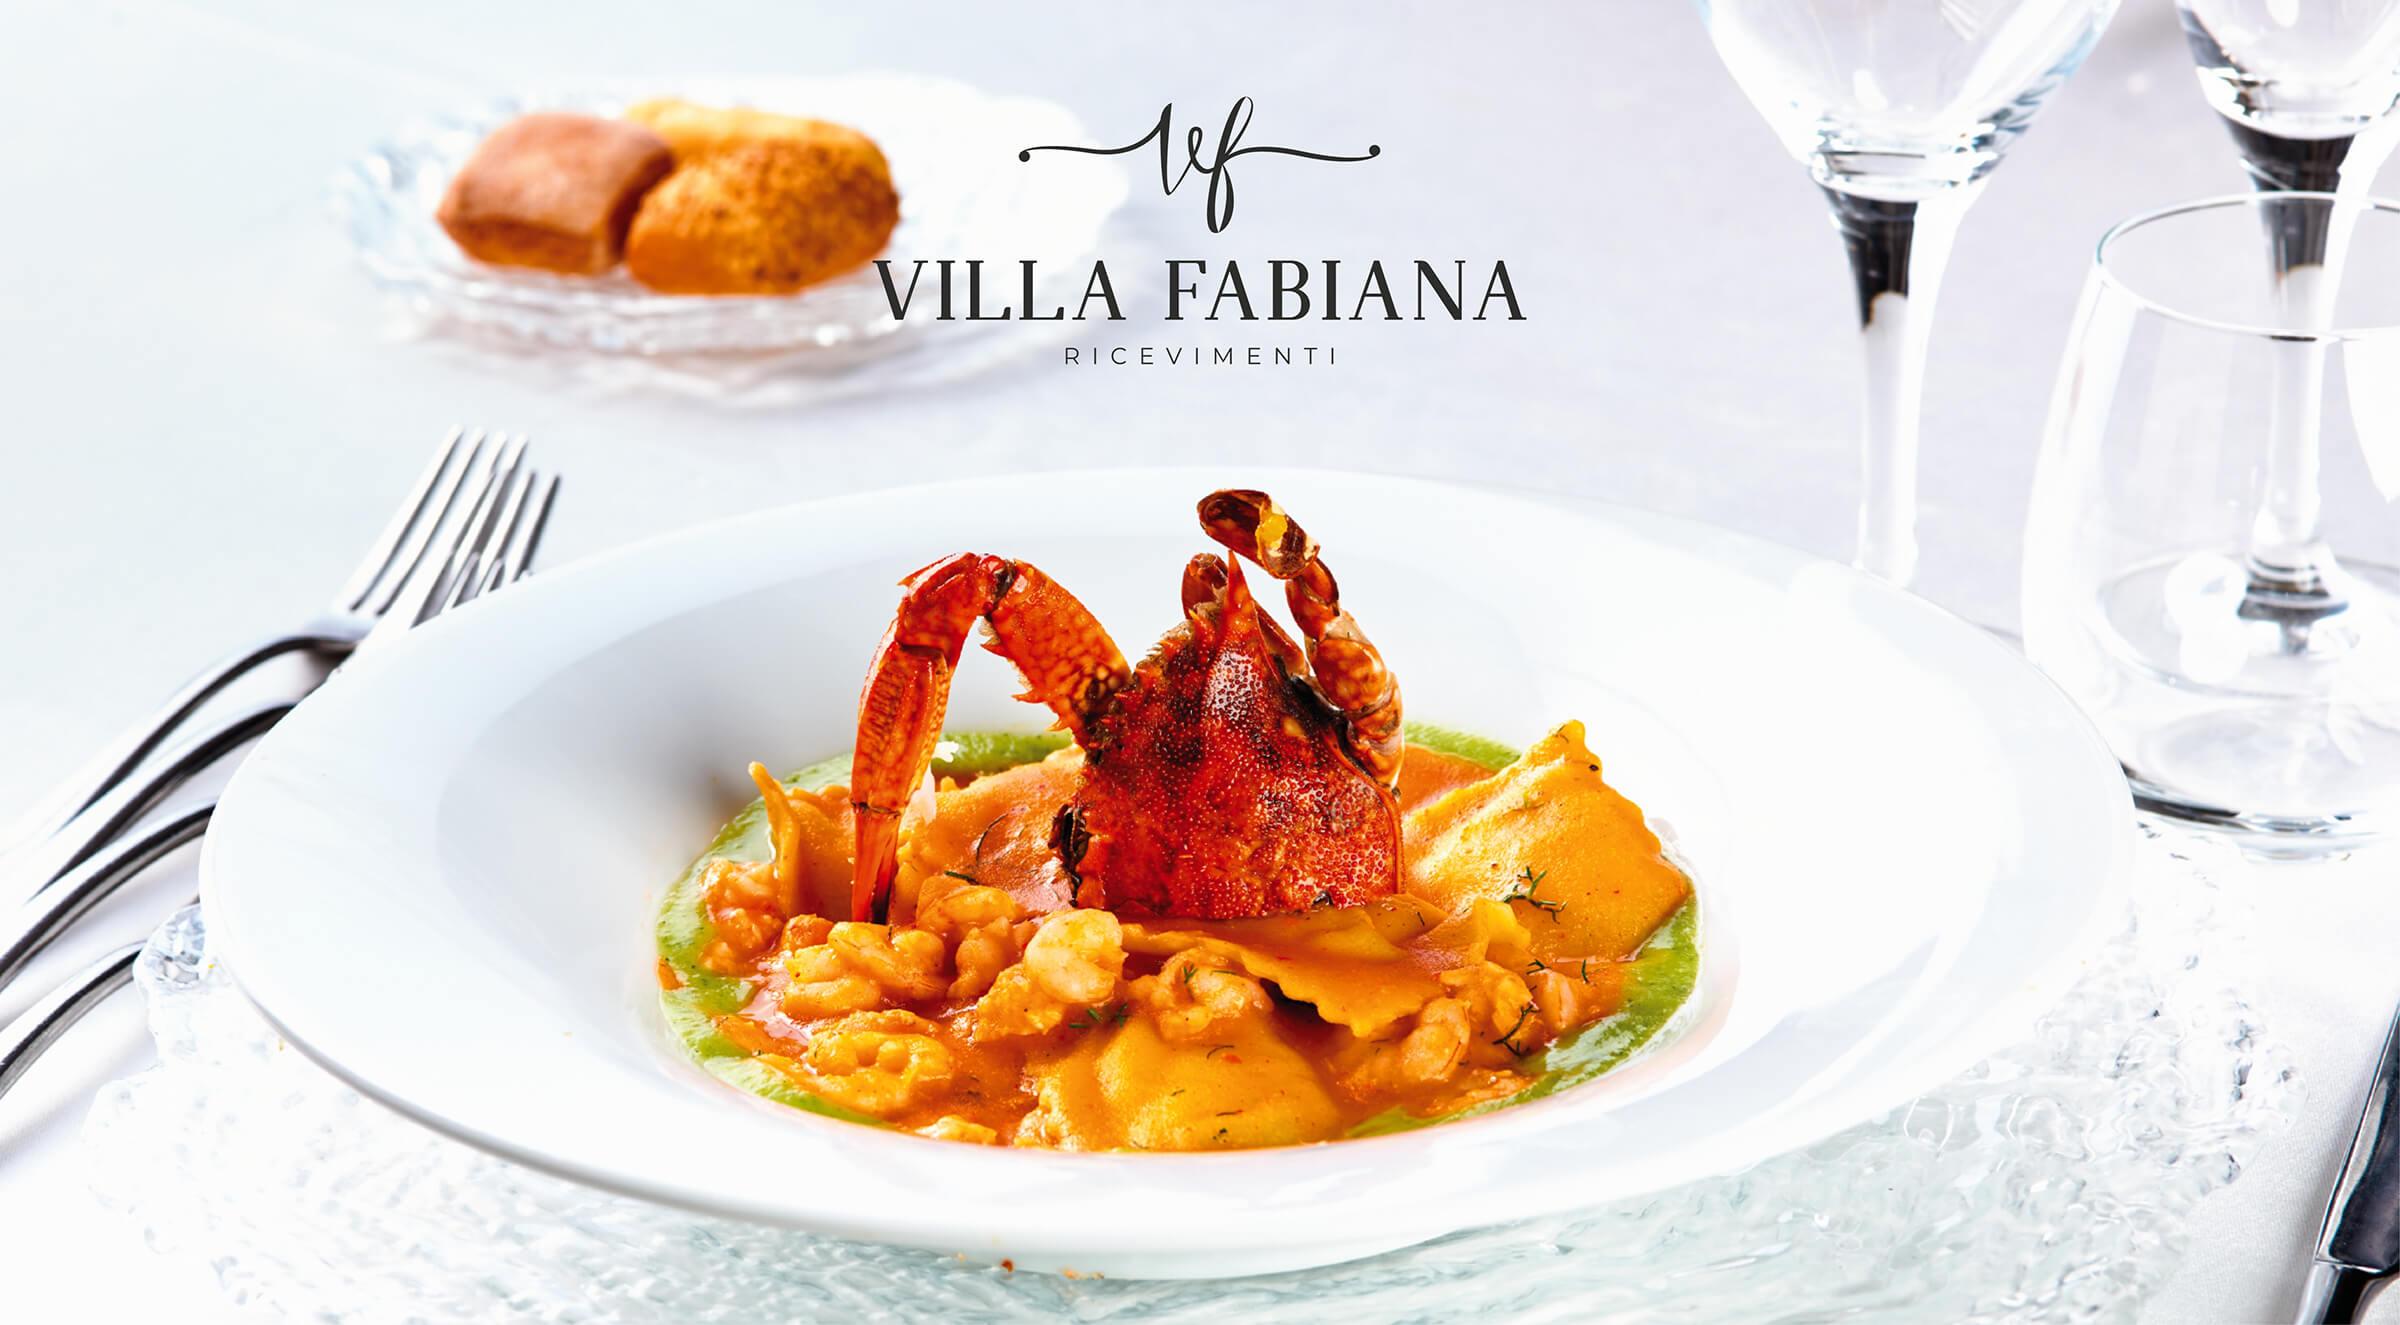 La cucina di Villa Fabiana - Ricevimenti